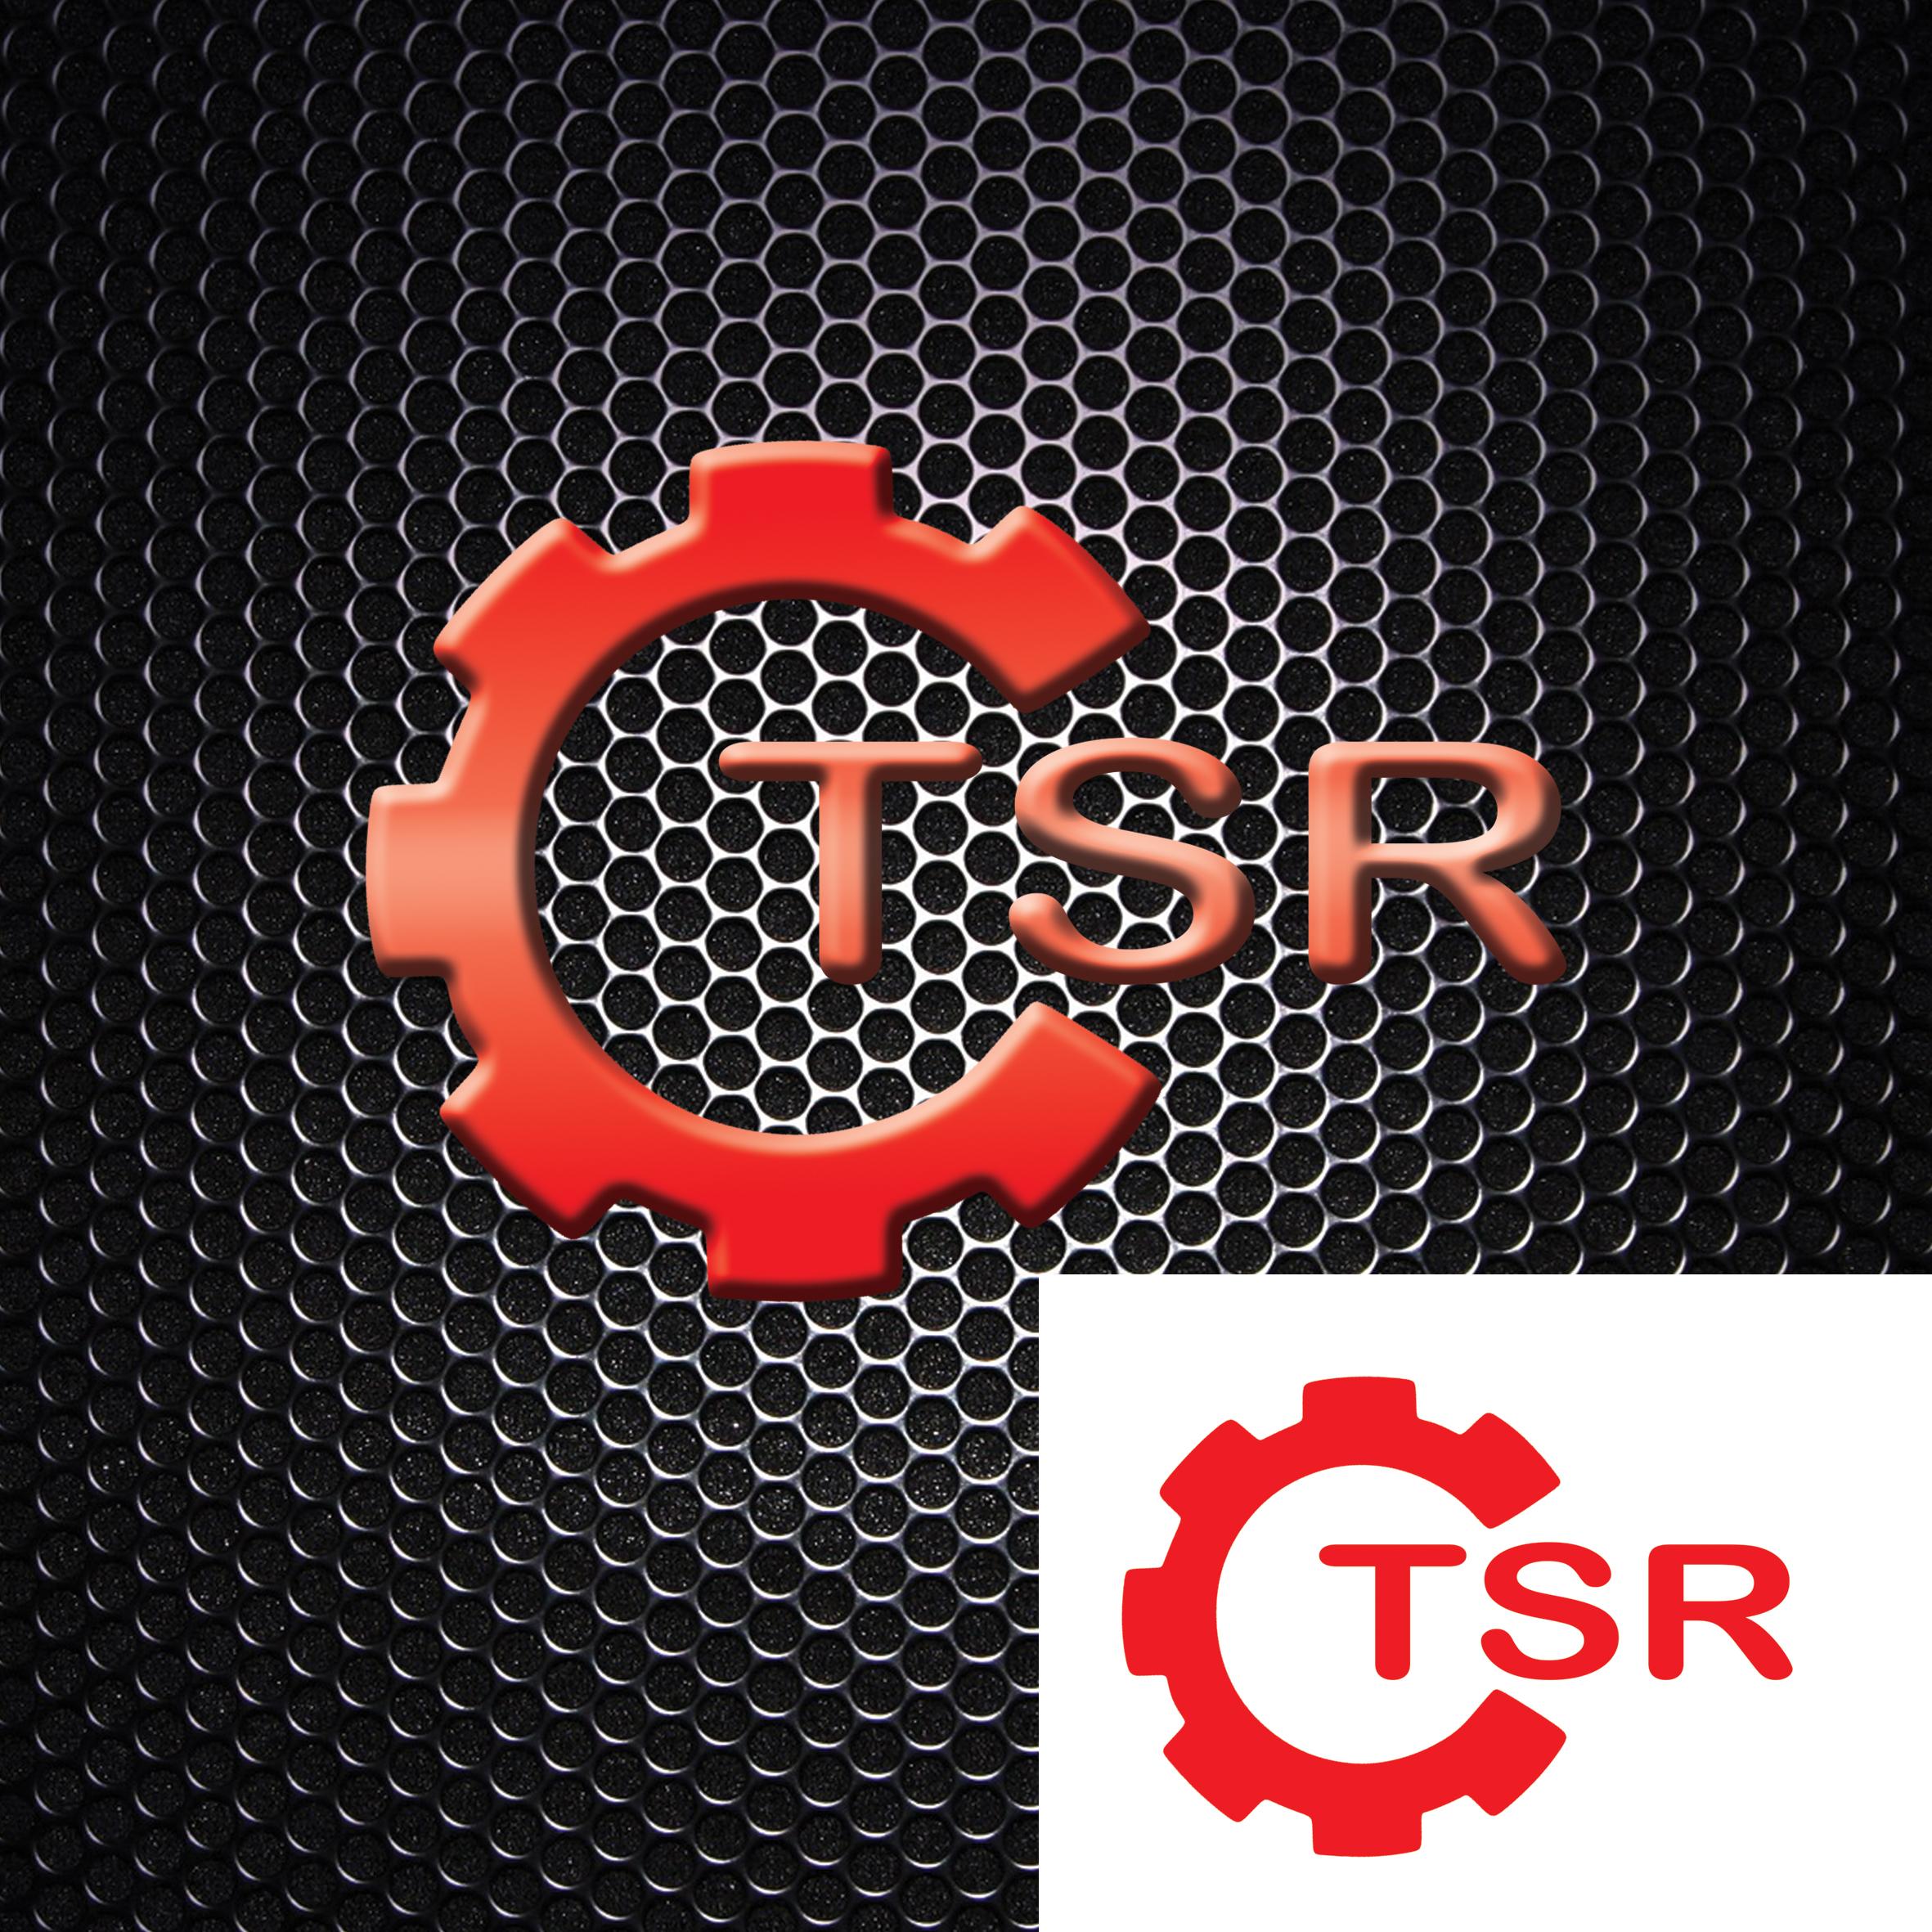 Logo Design by Kiavash Varnoos - Entry No. 85 in the Logo Design Contest Creative Logo Design for TSR.